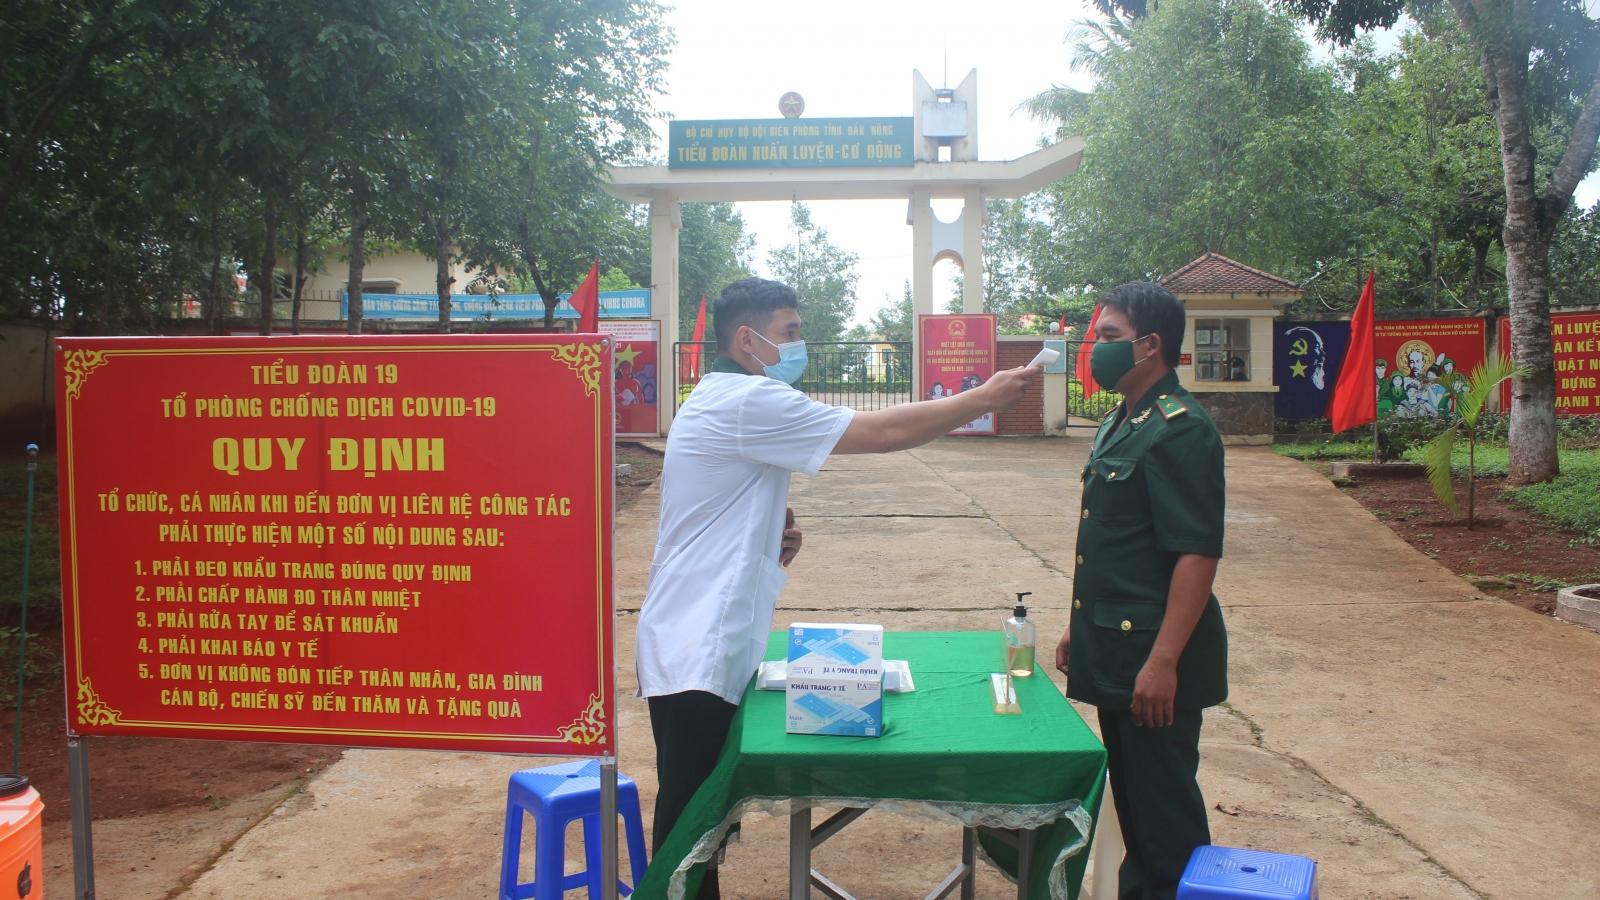 Bộ đội biên phòng Đắk Nông tham gia bầu cử sớm